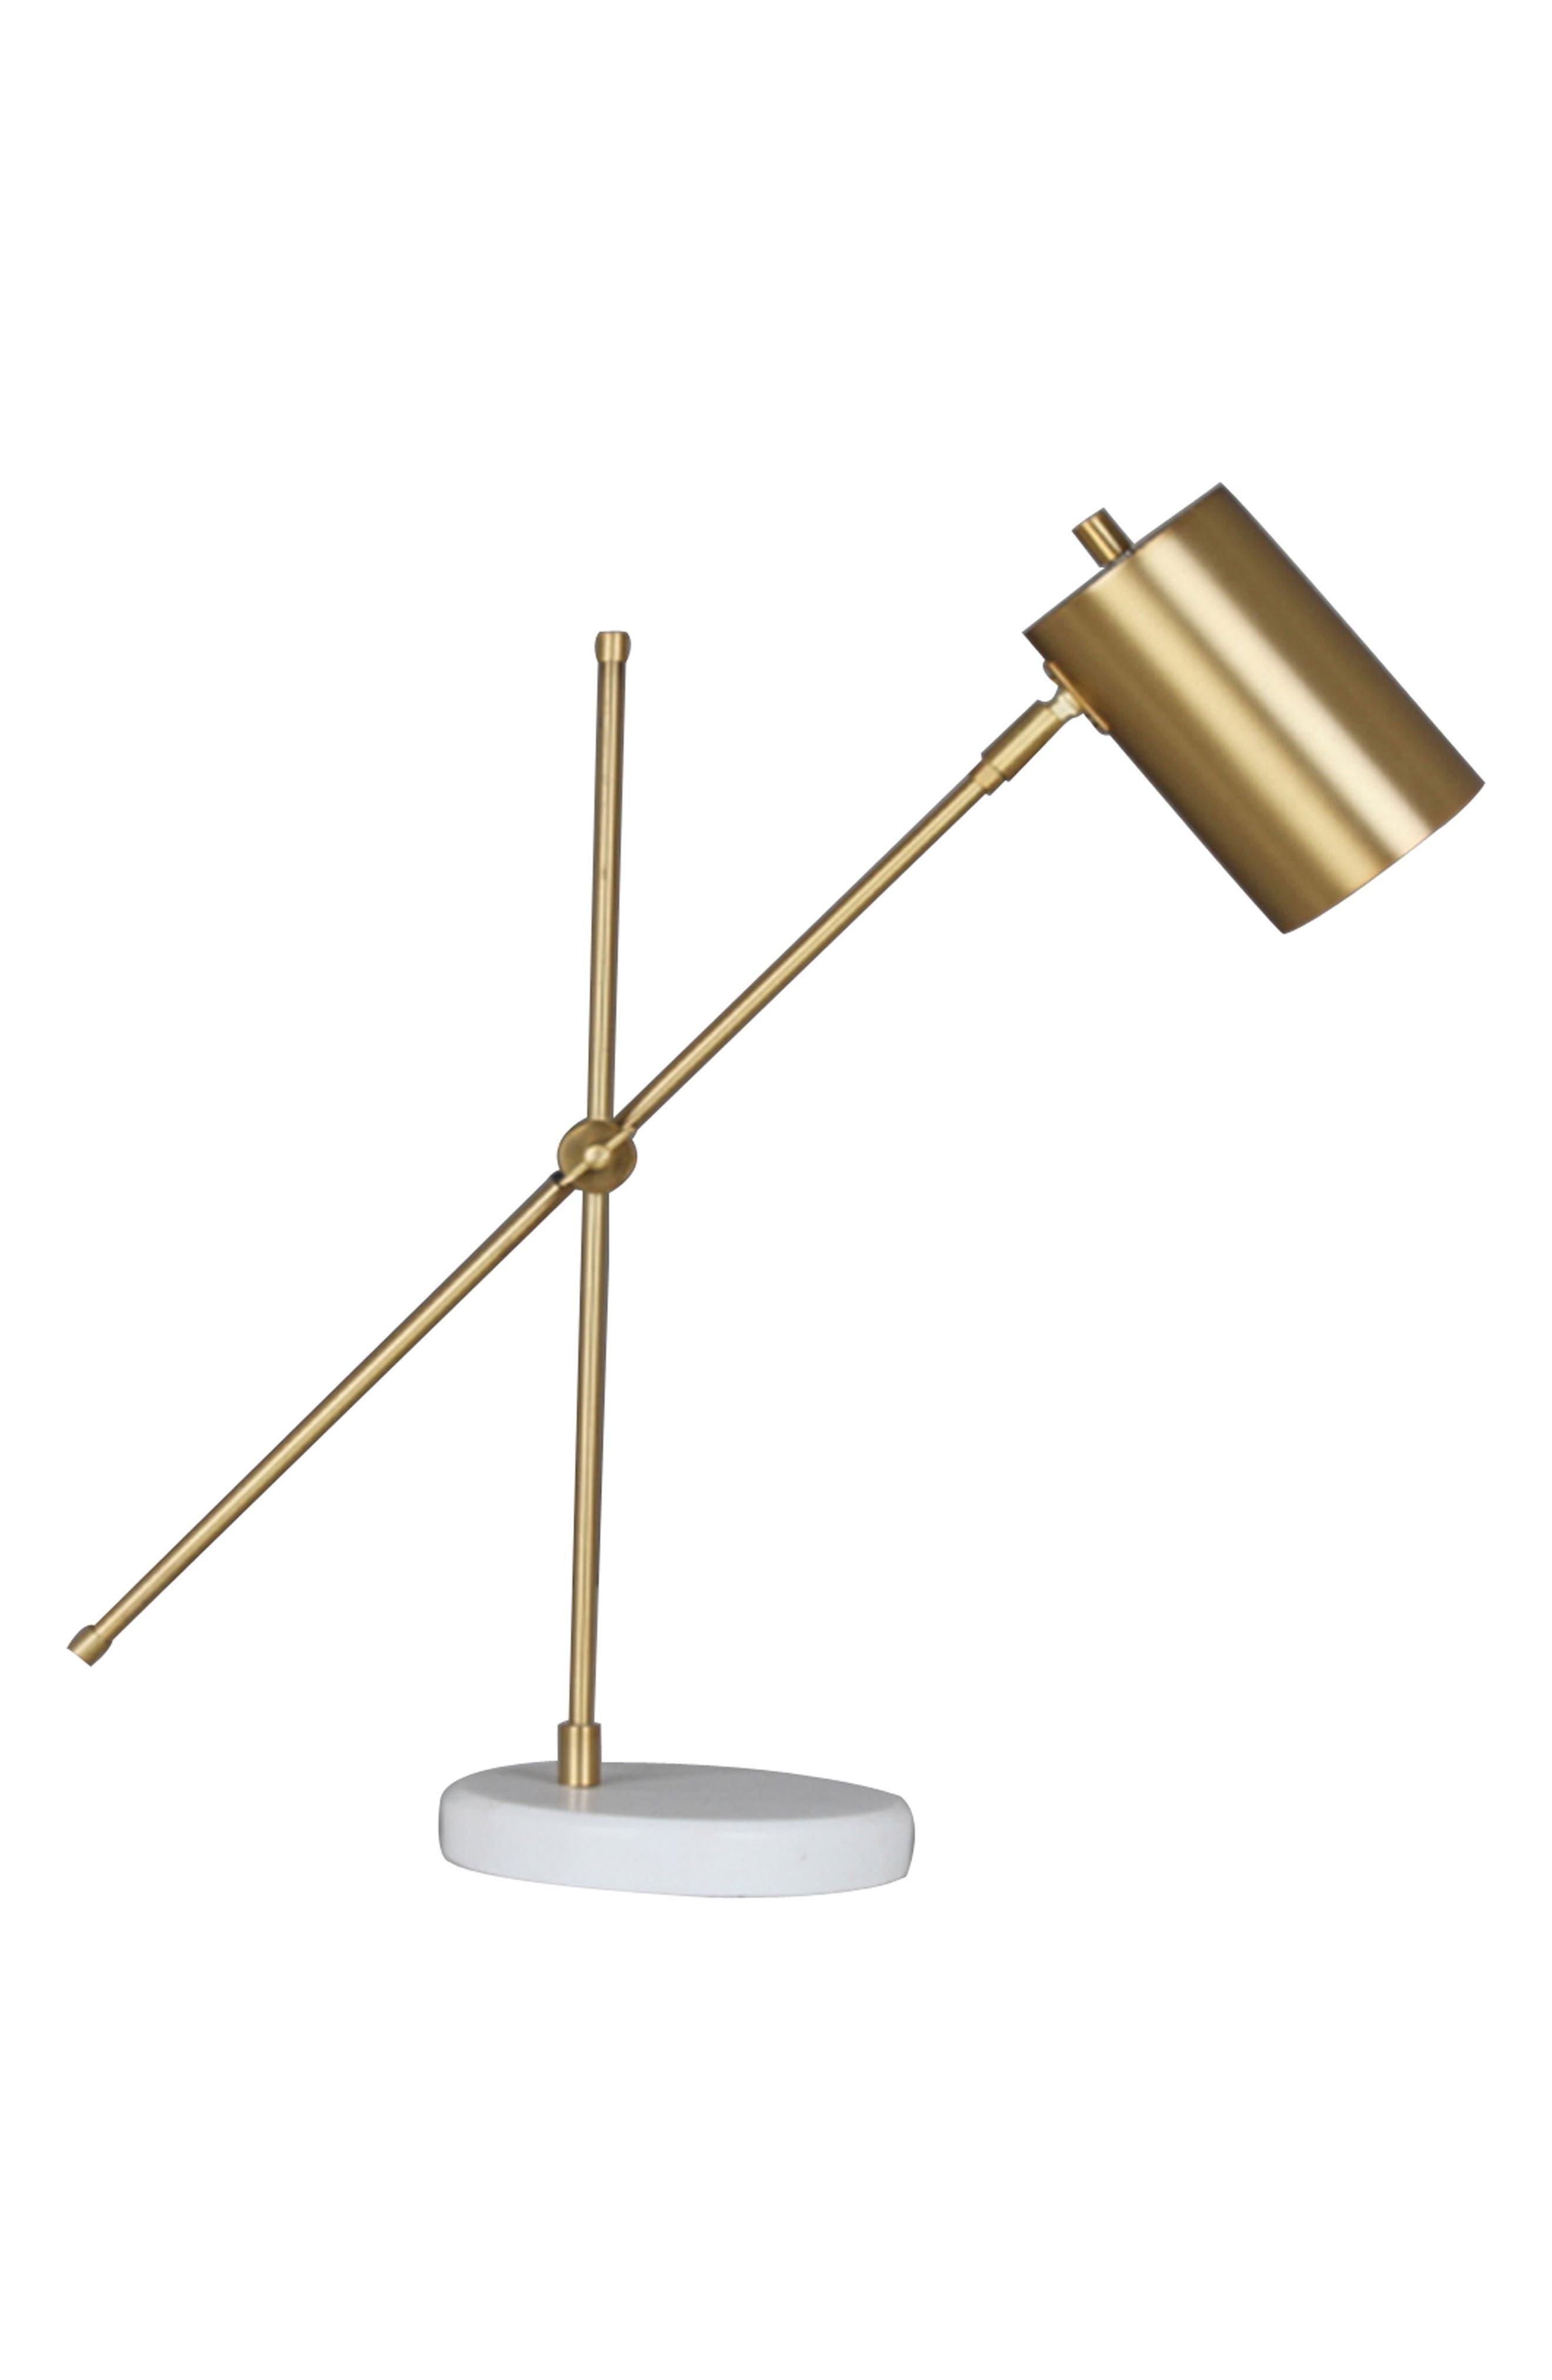 Crystal Art Gallery Metal Task Lamp